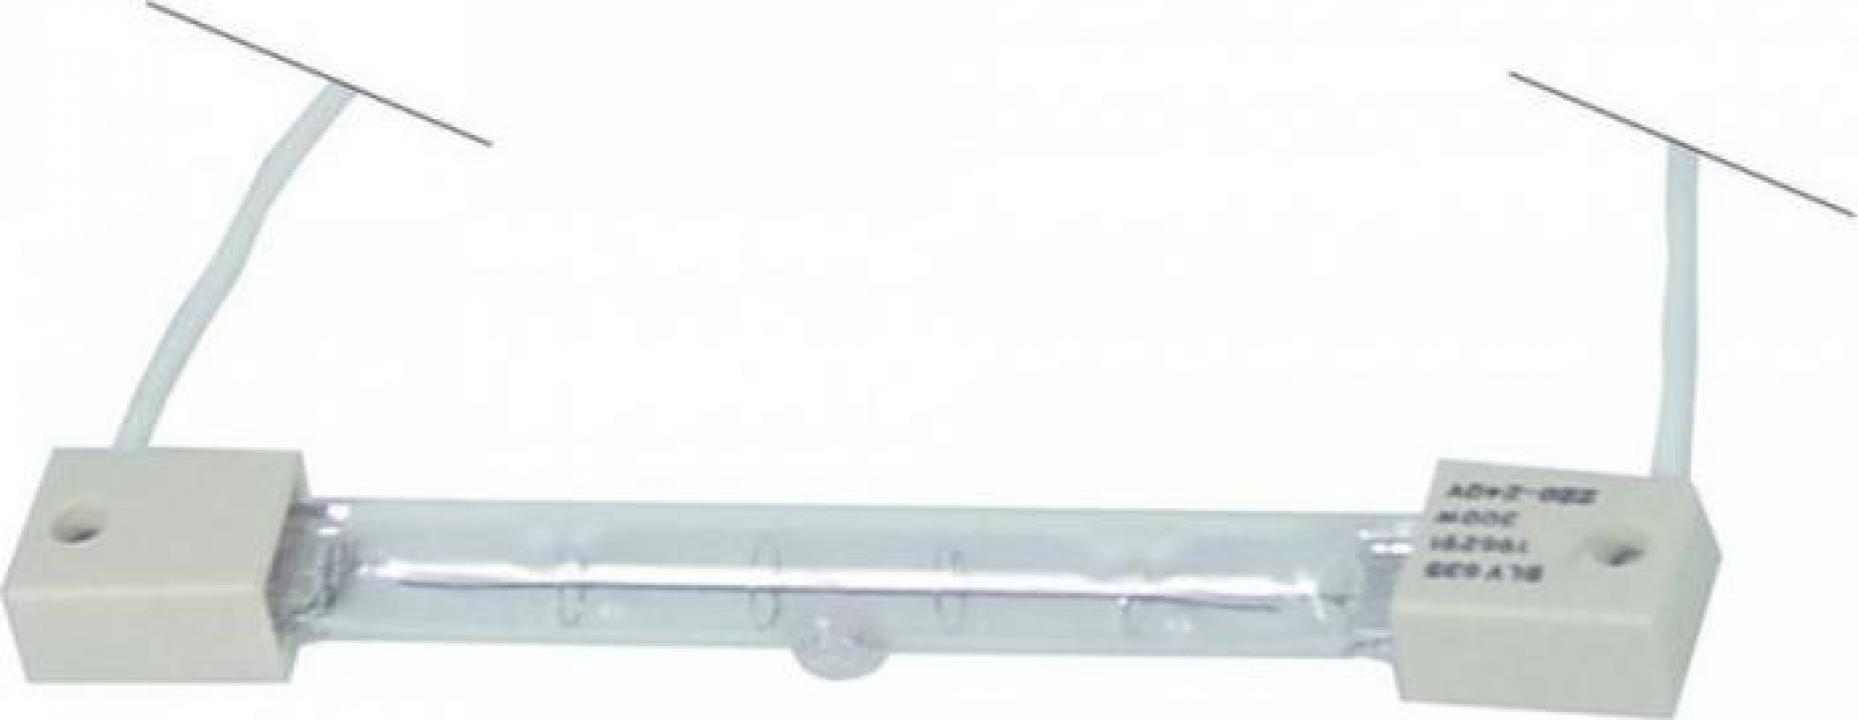 Lampa infrarosu, 220-240V, 300W, L 122mm